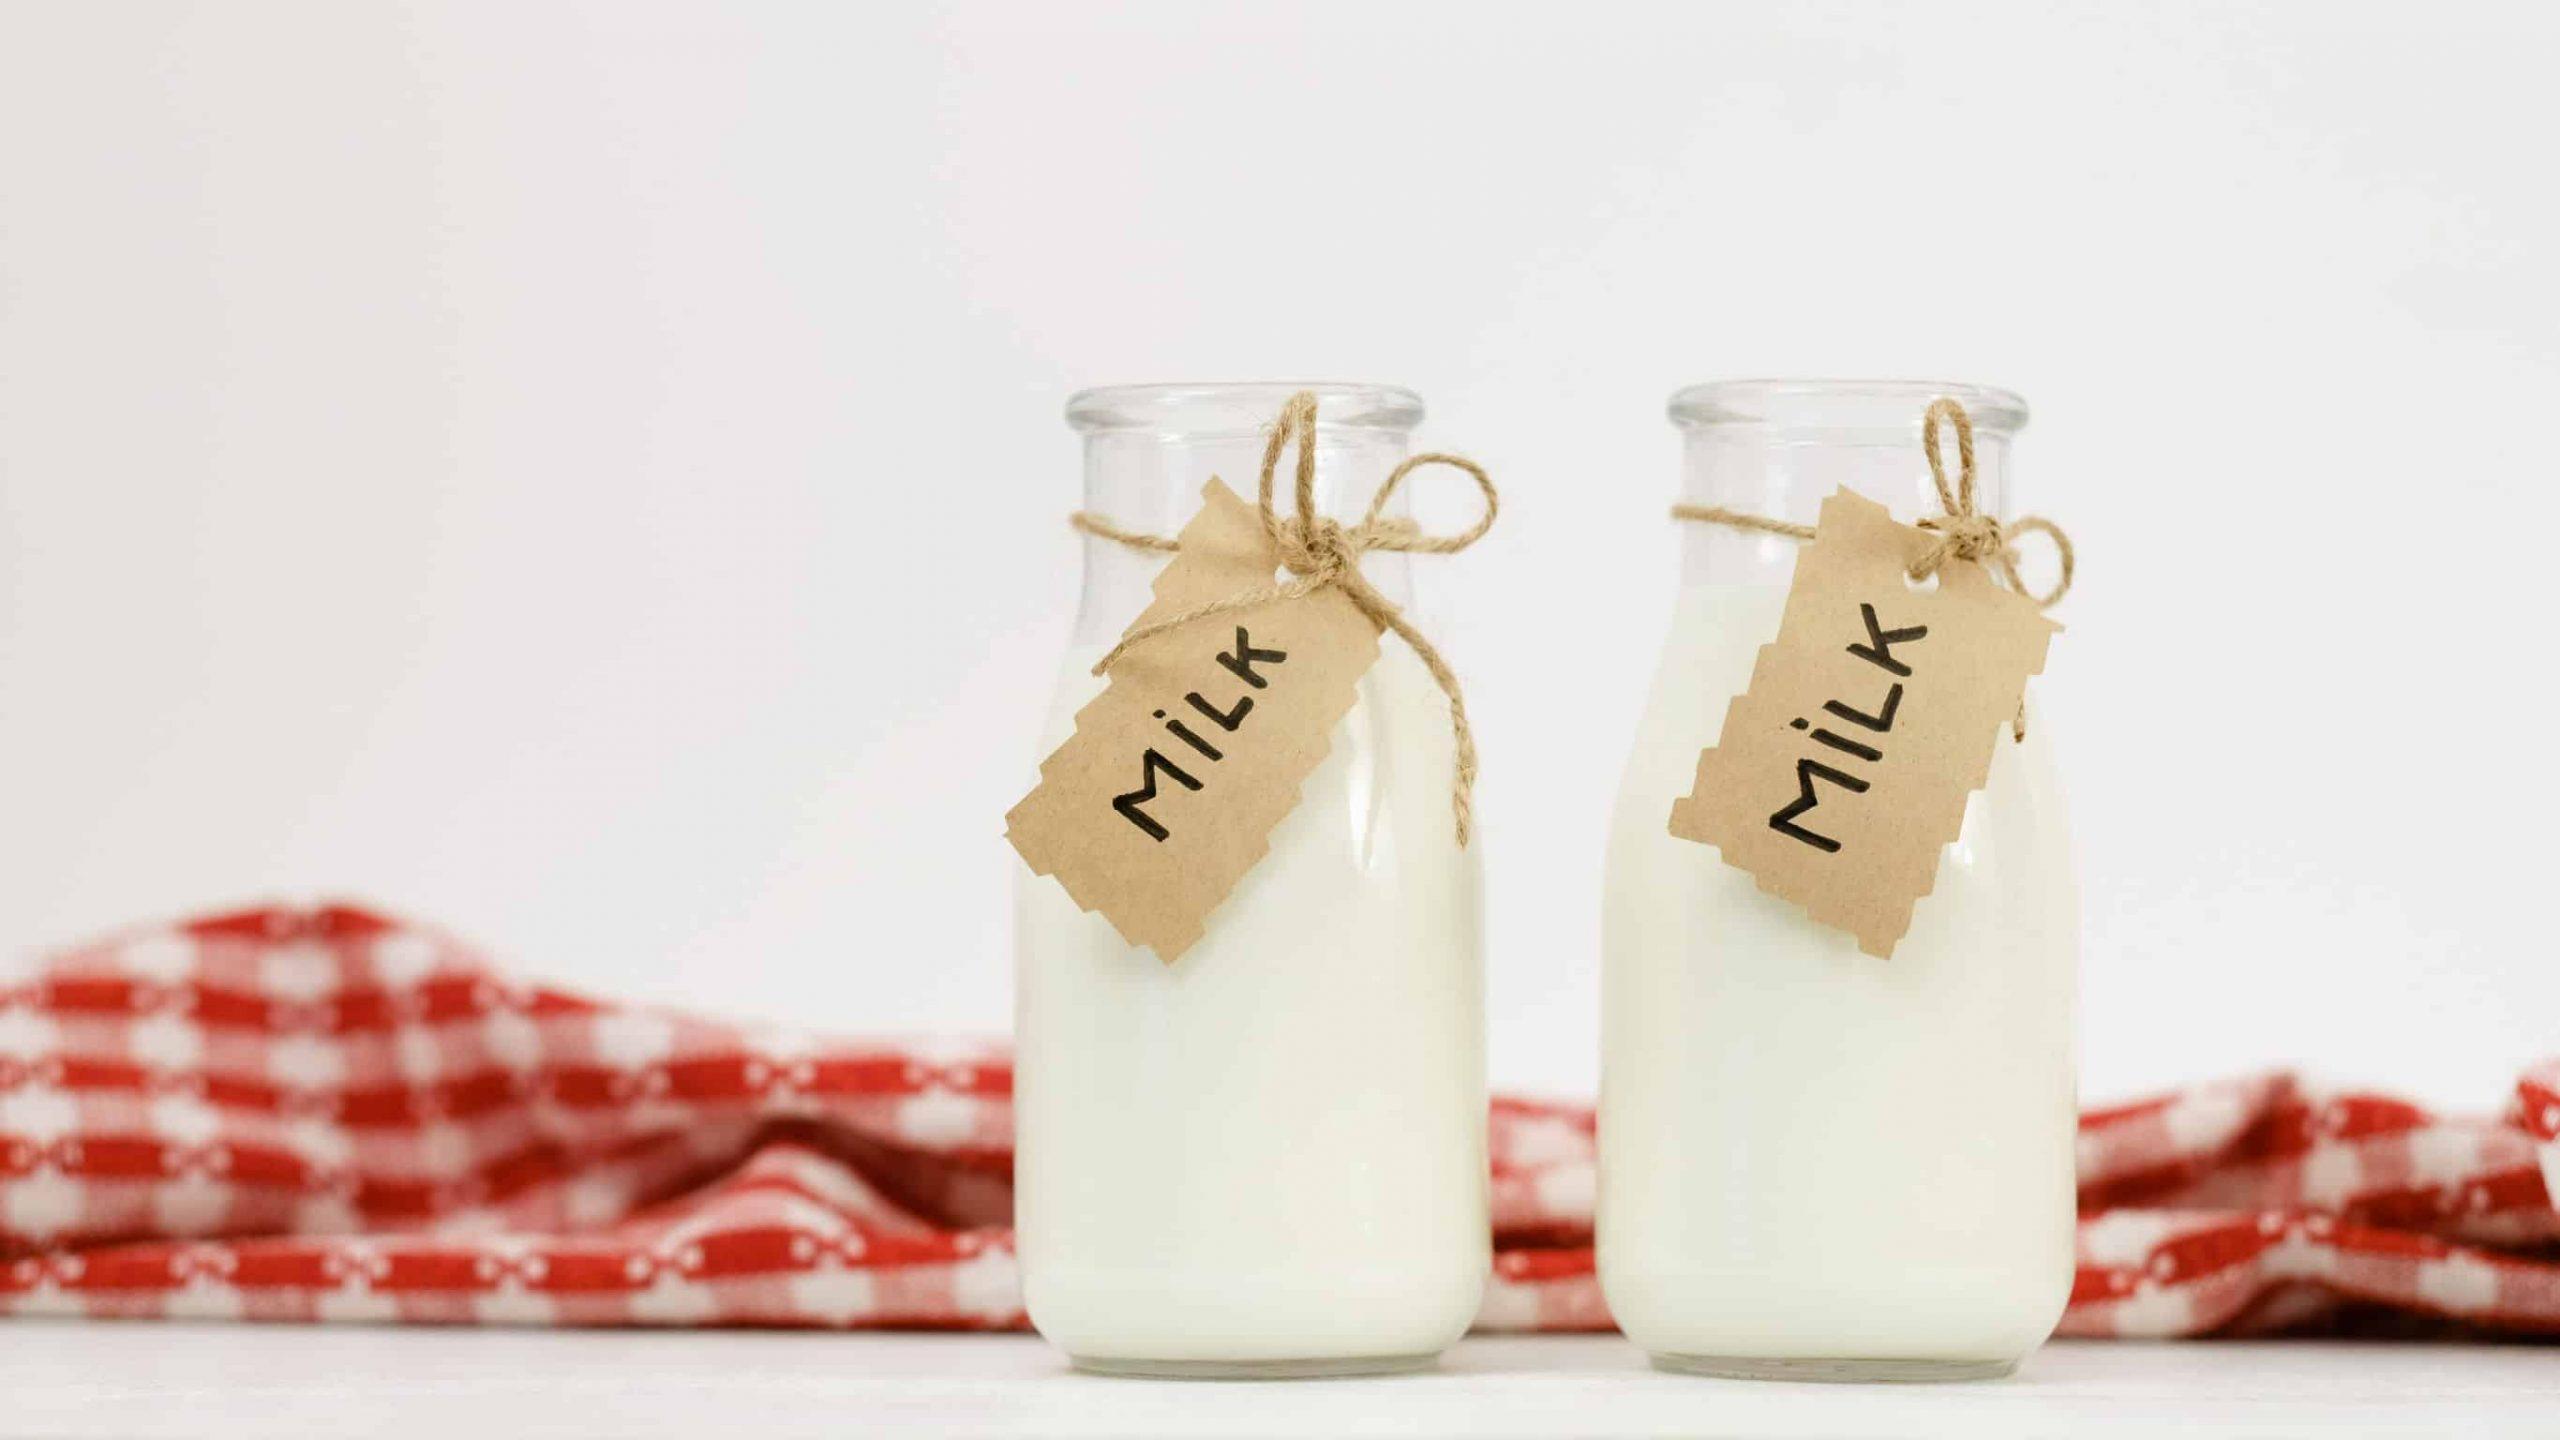 Laktosefreie Milch: Test & Empfehlungen (06/20)